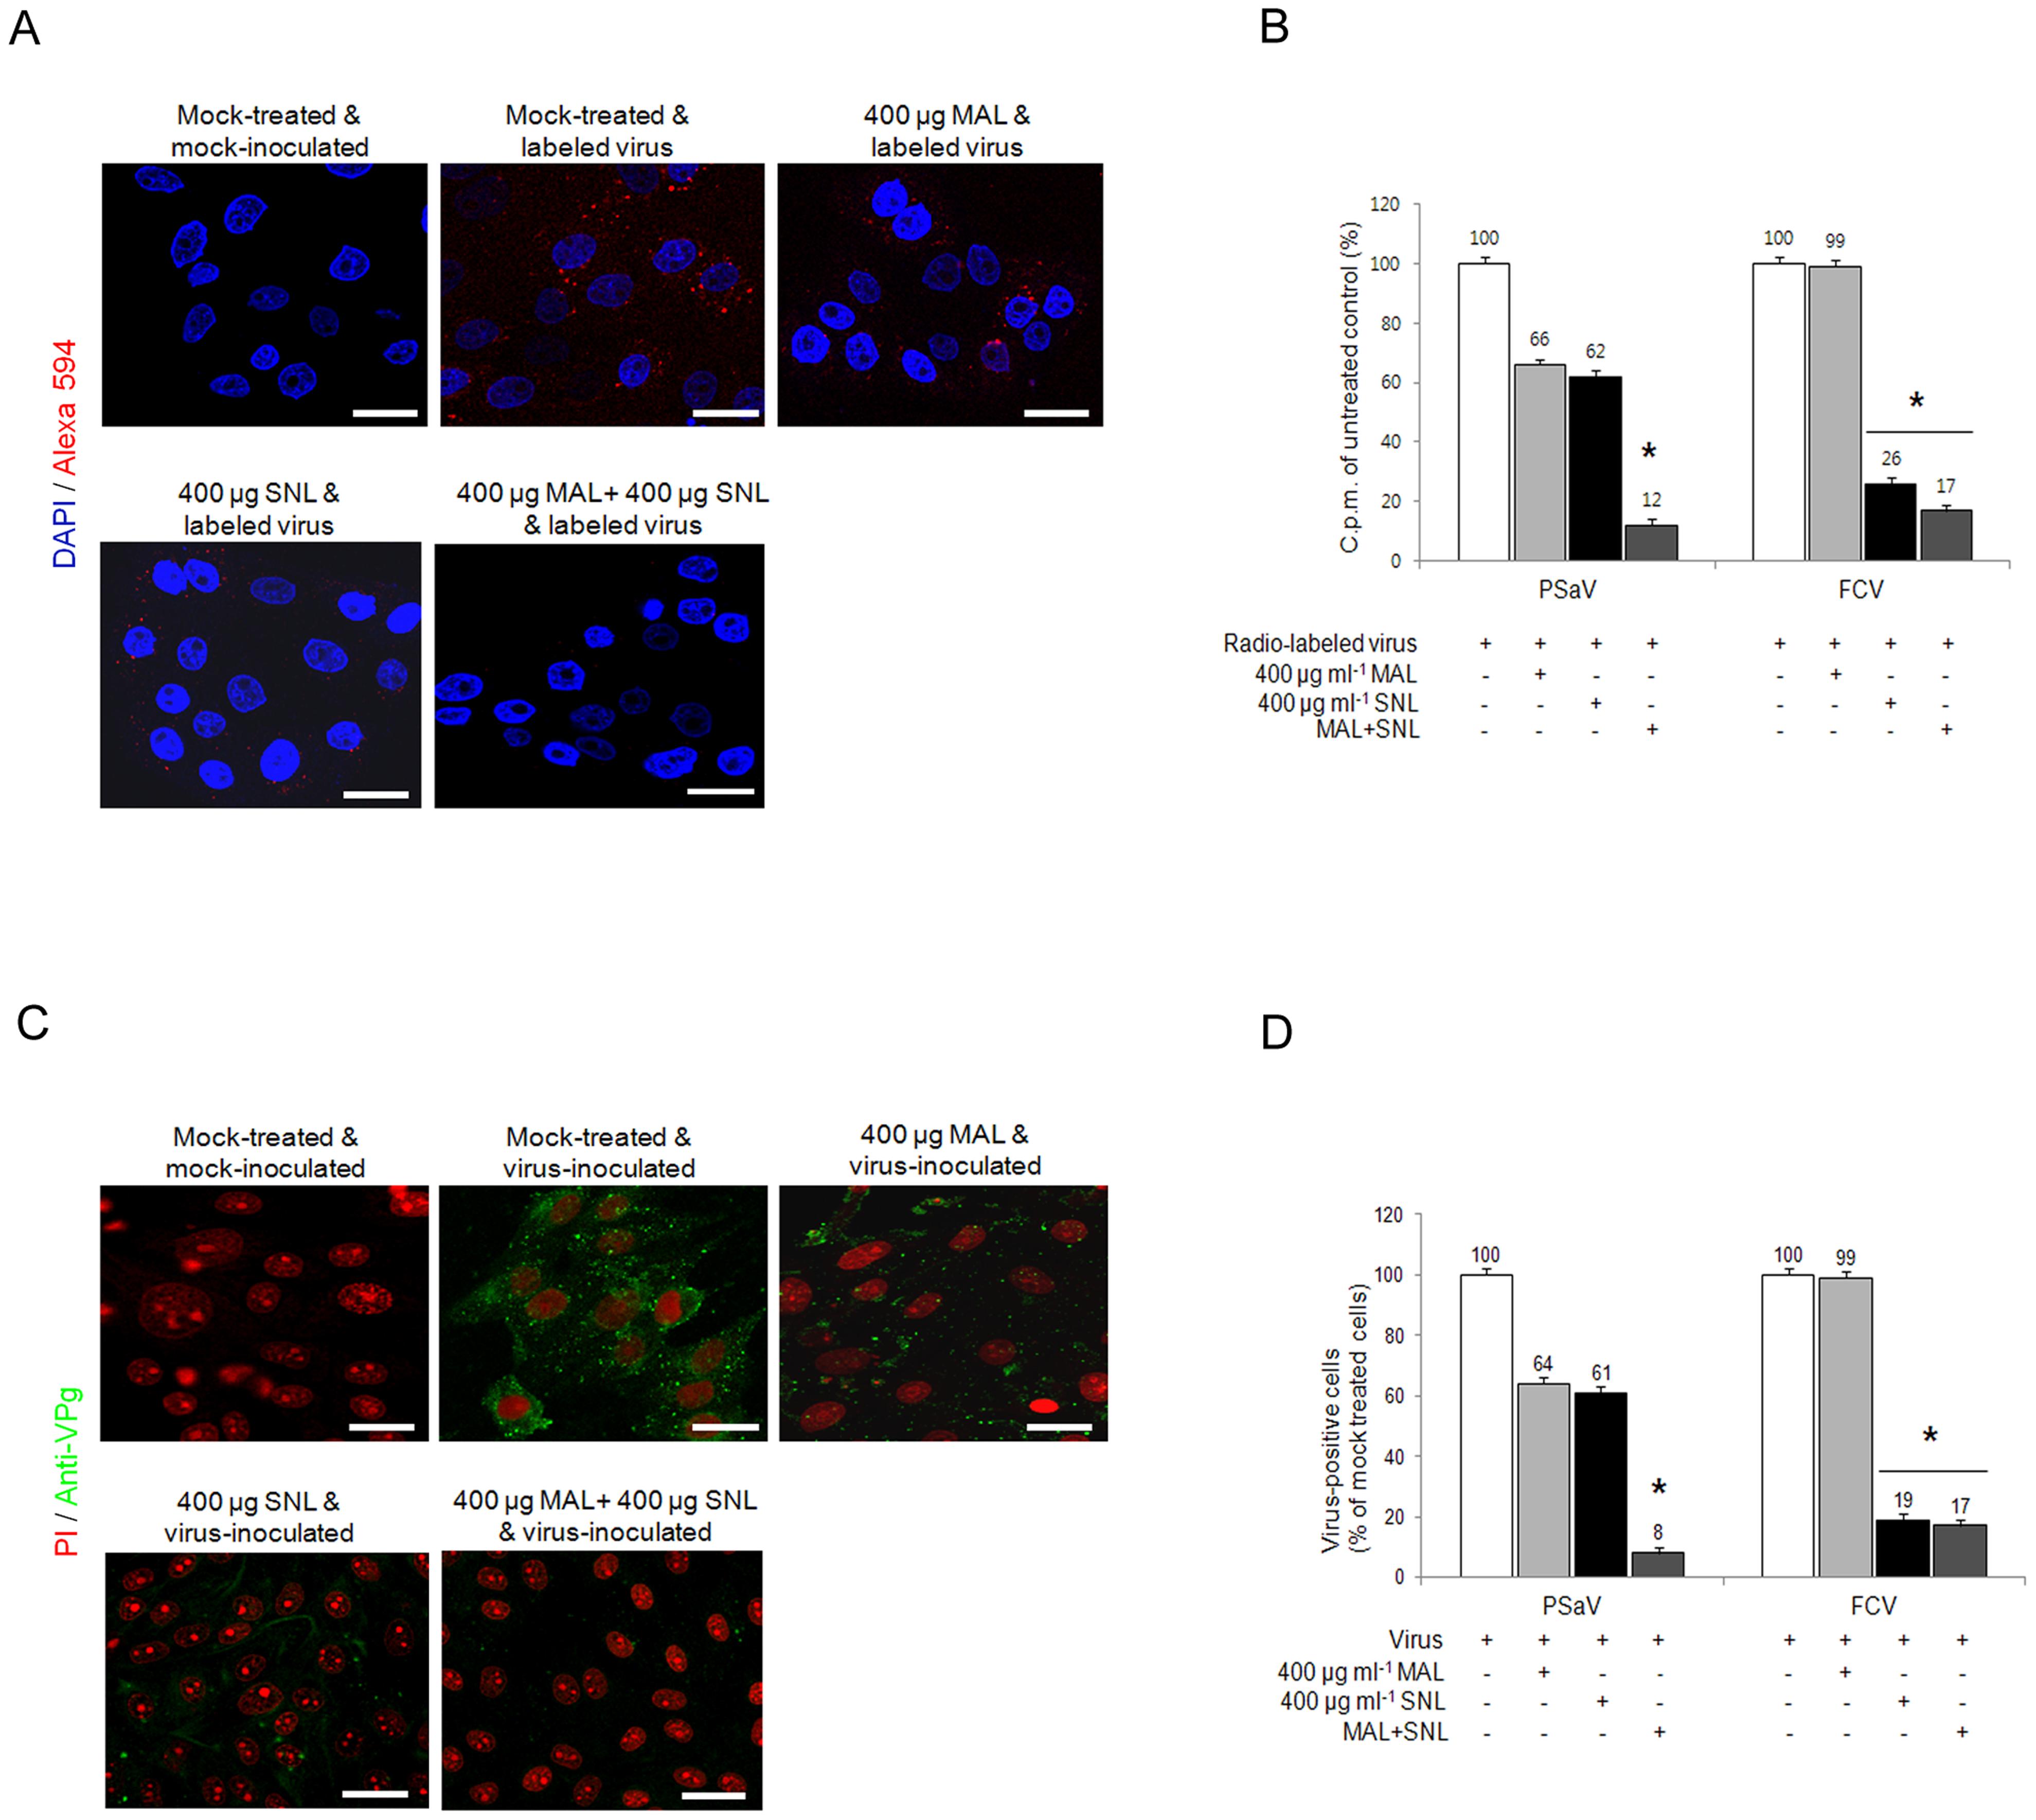 Porcine sapovirus interacts with α2,3- and α2,6-linked sialic acids.